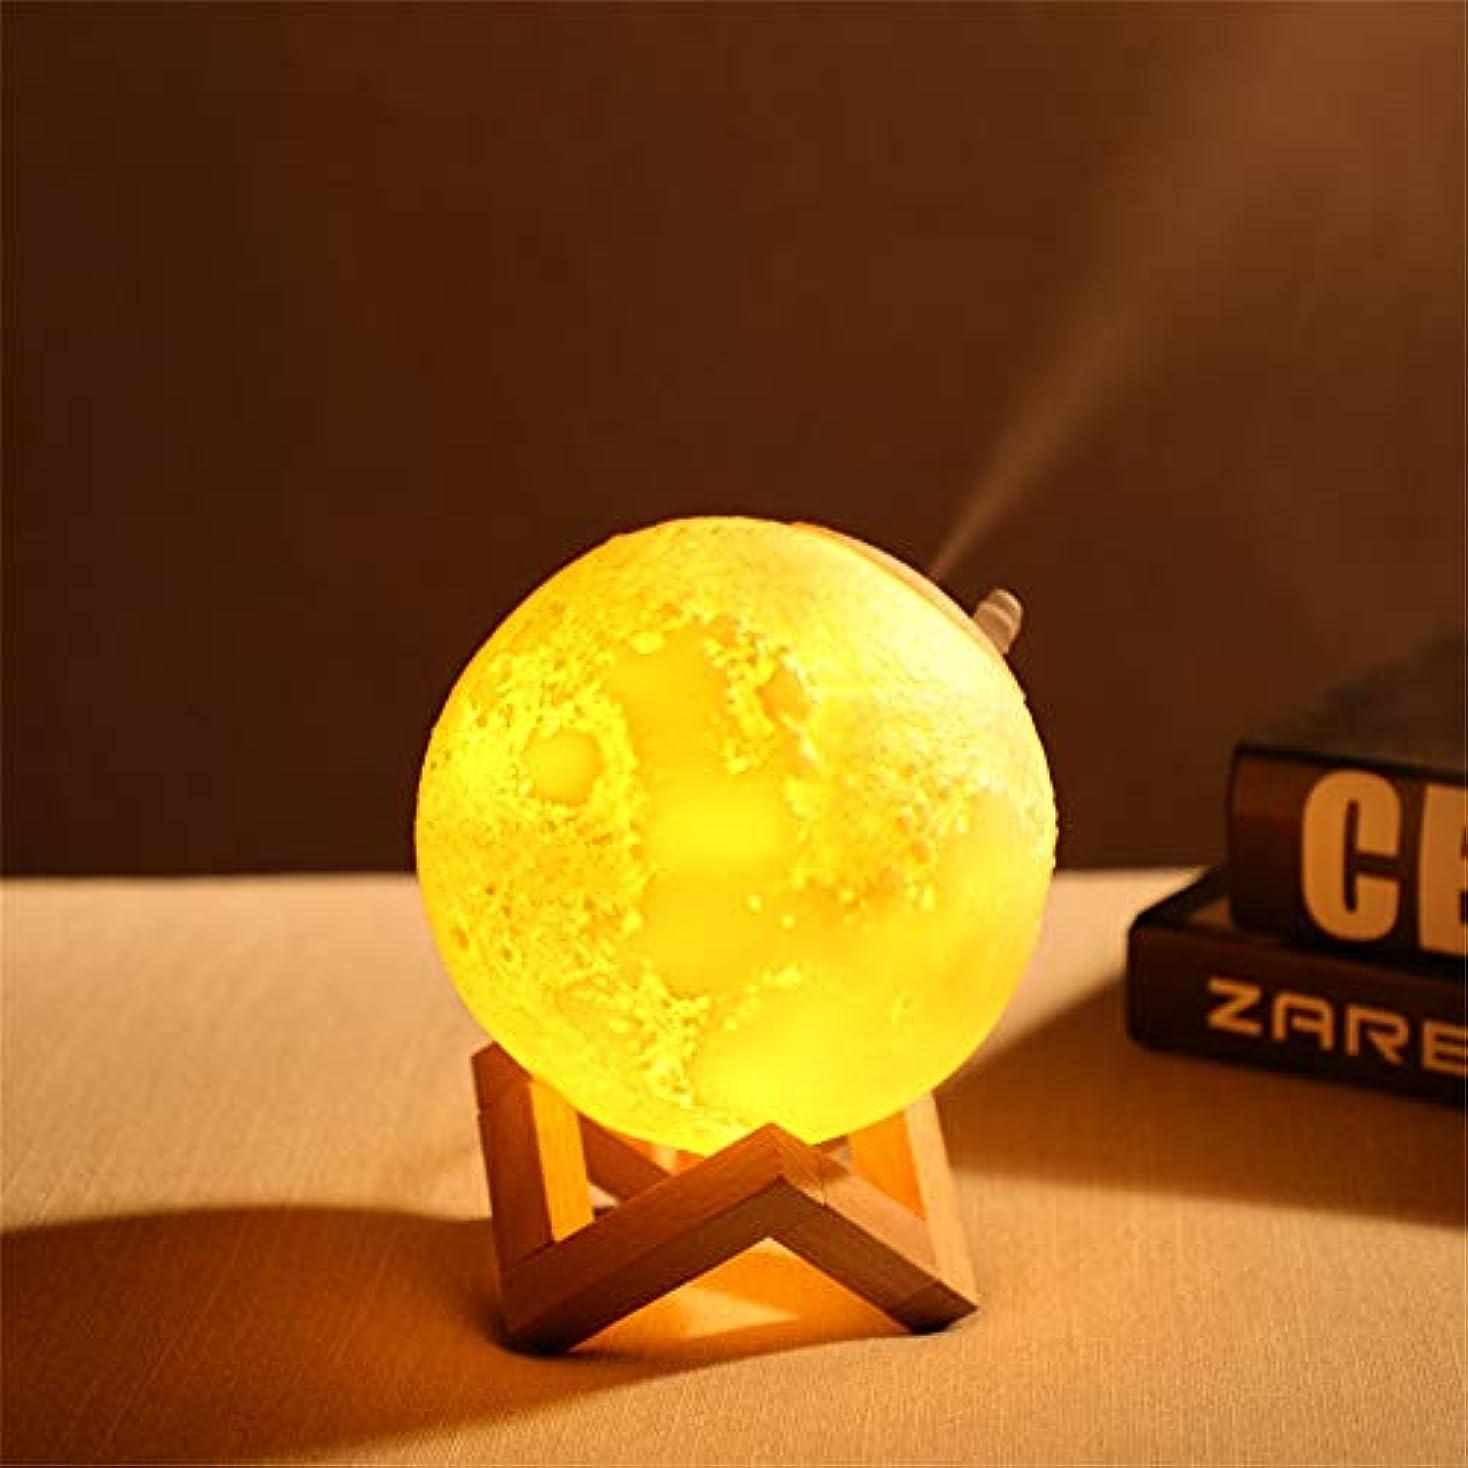 準備した靄ピボットEssential Oil Diffuser 3D Moon Lamp Ultrasonic Cool Mist Aroma Diffuser Multifunctional Waterless Auto Shut-Off...